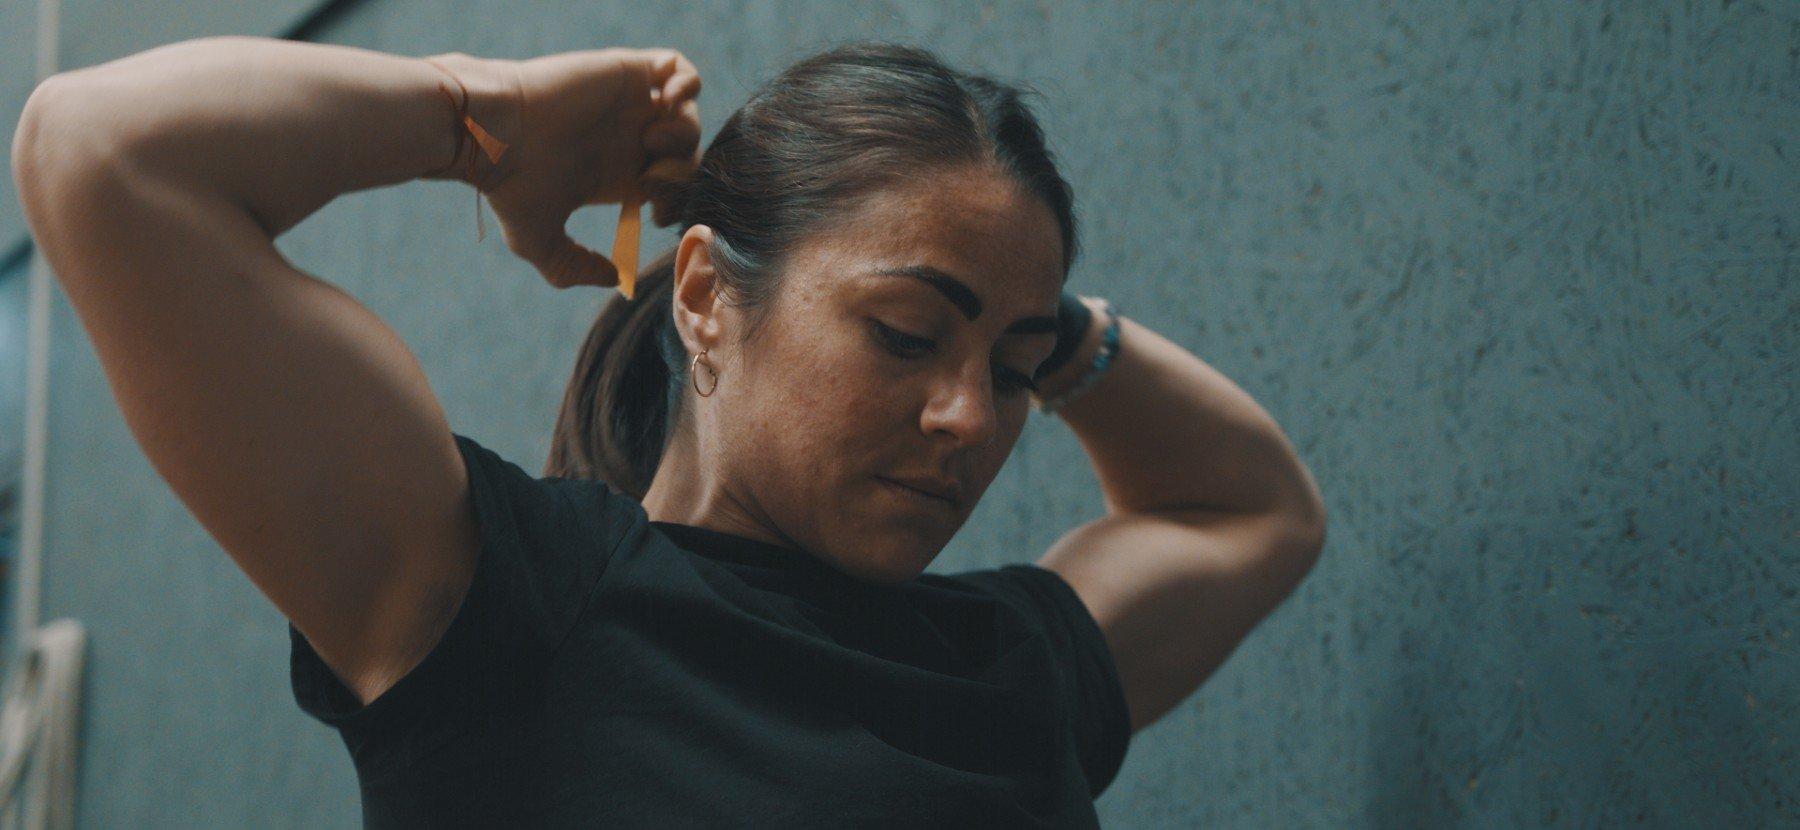 Im Kampf mit einer Essstörung & Leben mit PTSD | Emelye Dwyer: The Locker Room – Episode 1